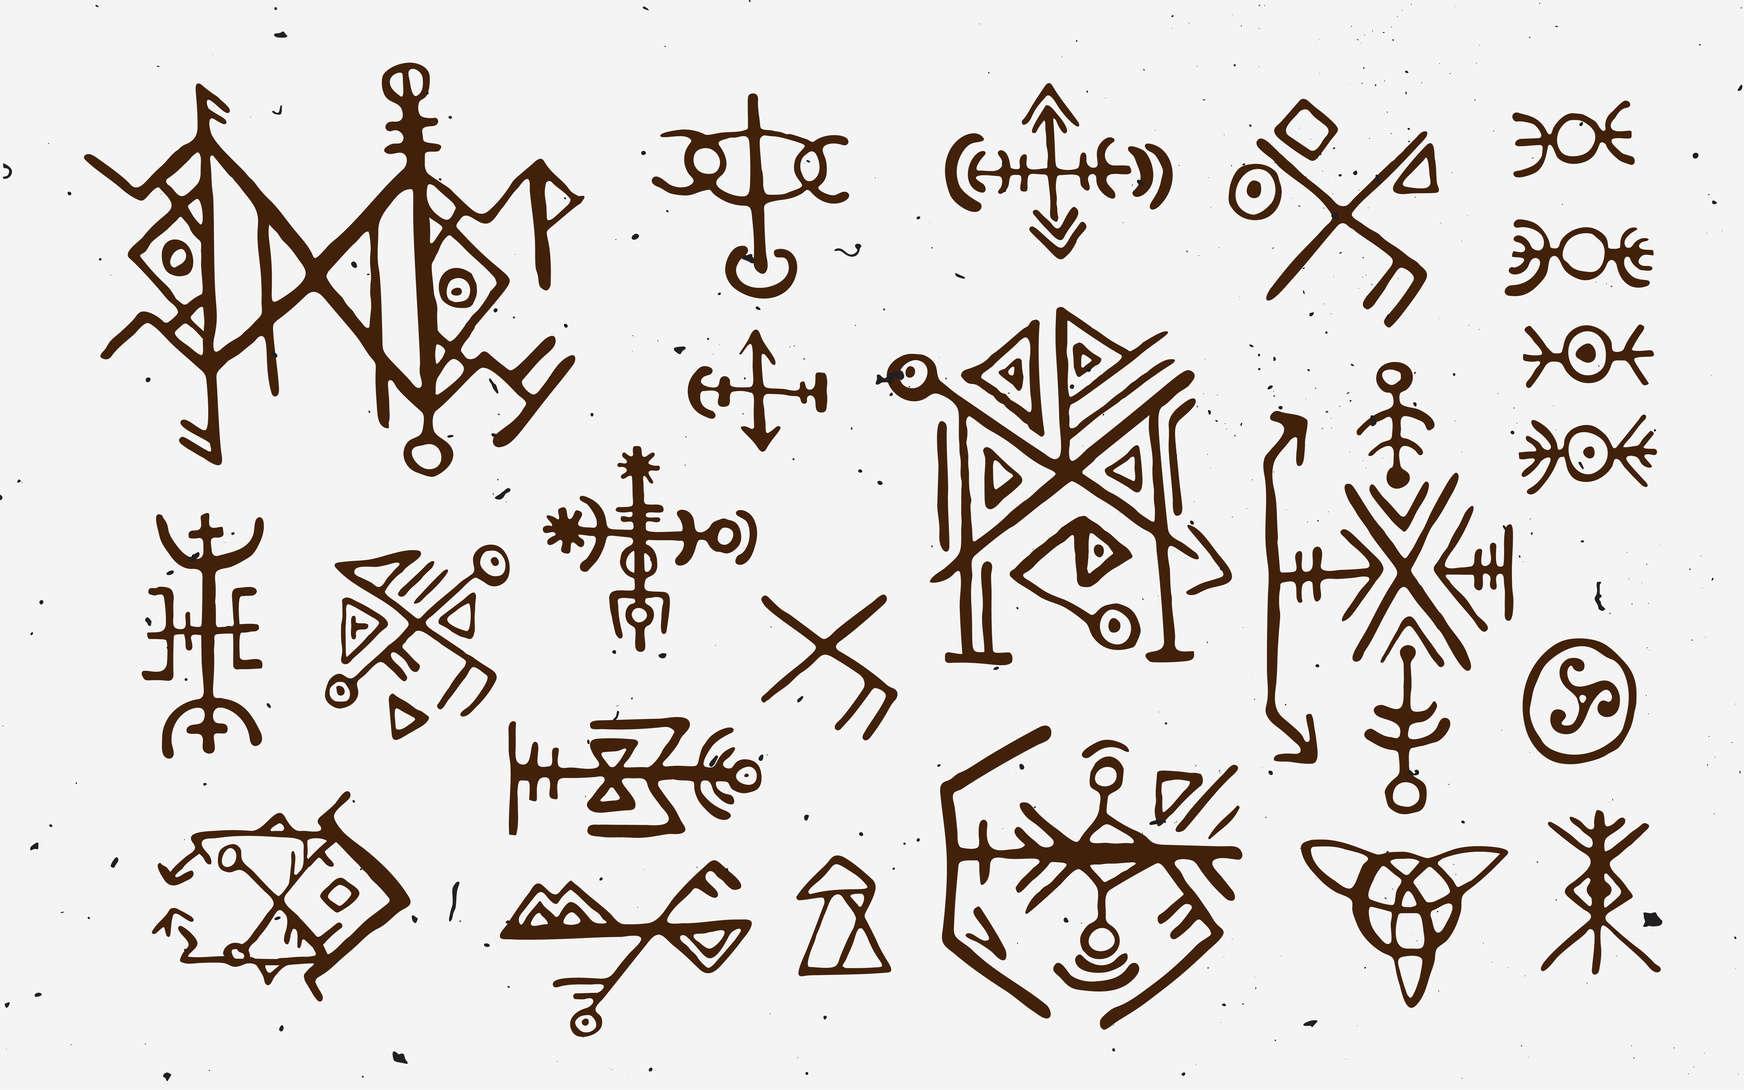 Le tirage en runes  comment ça marche